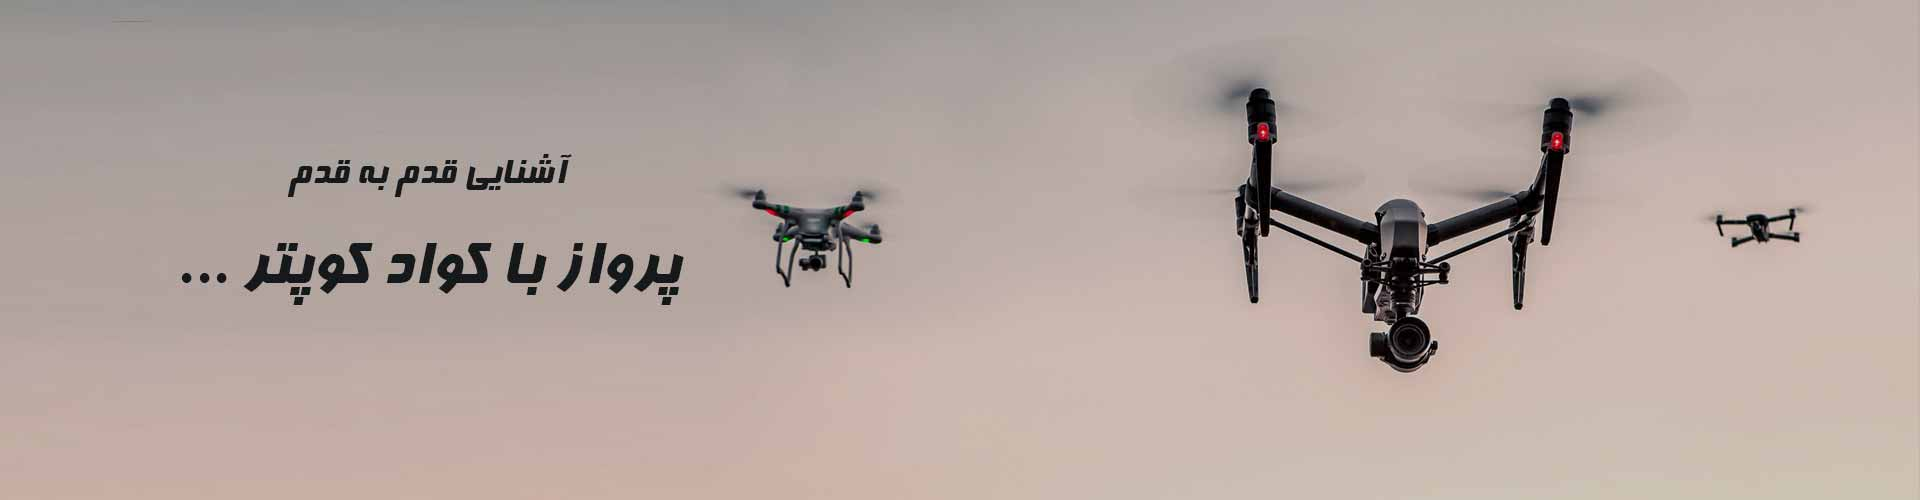 آموزش قدم به قدم پرواز کوادکوپتر